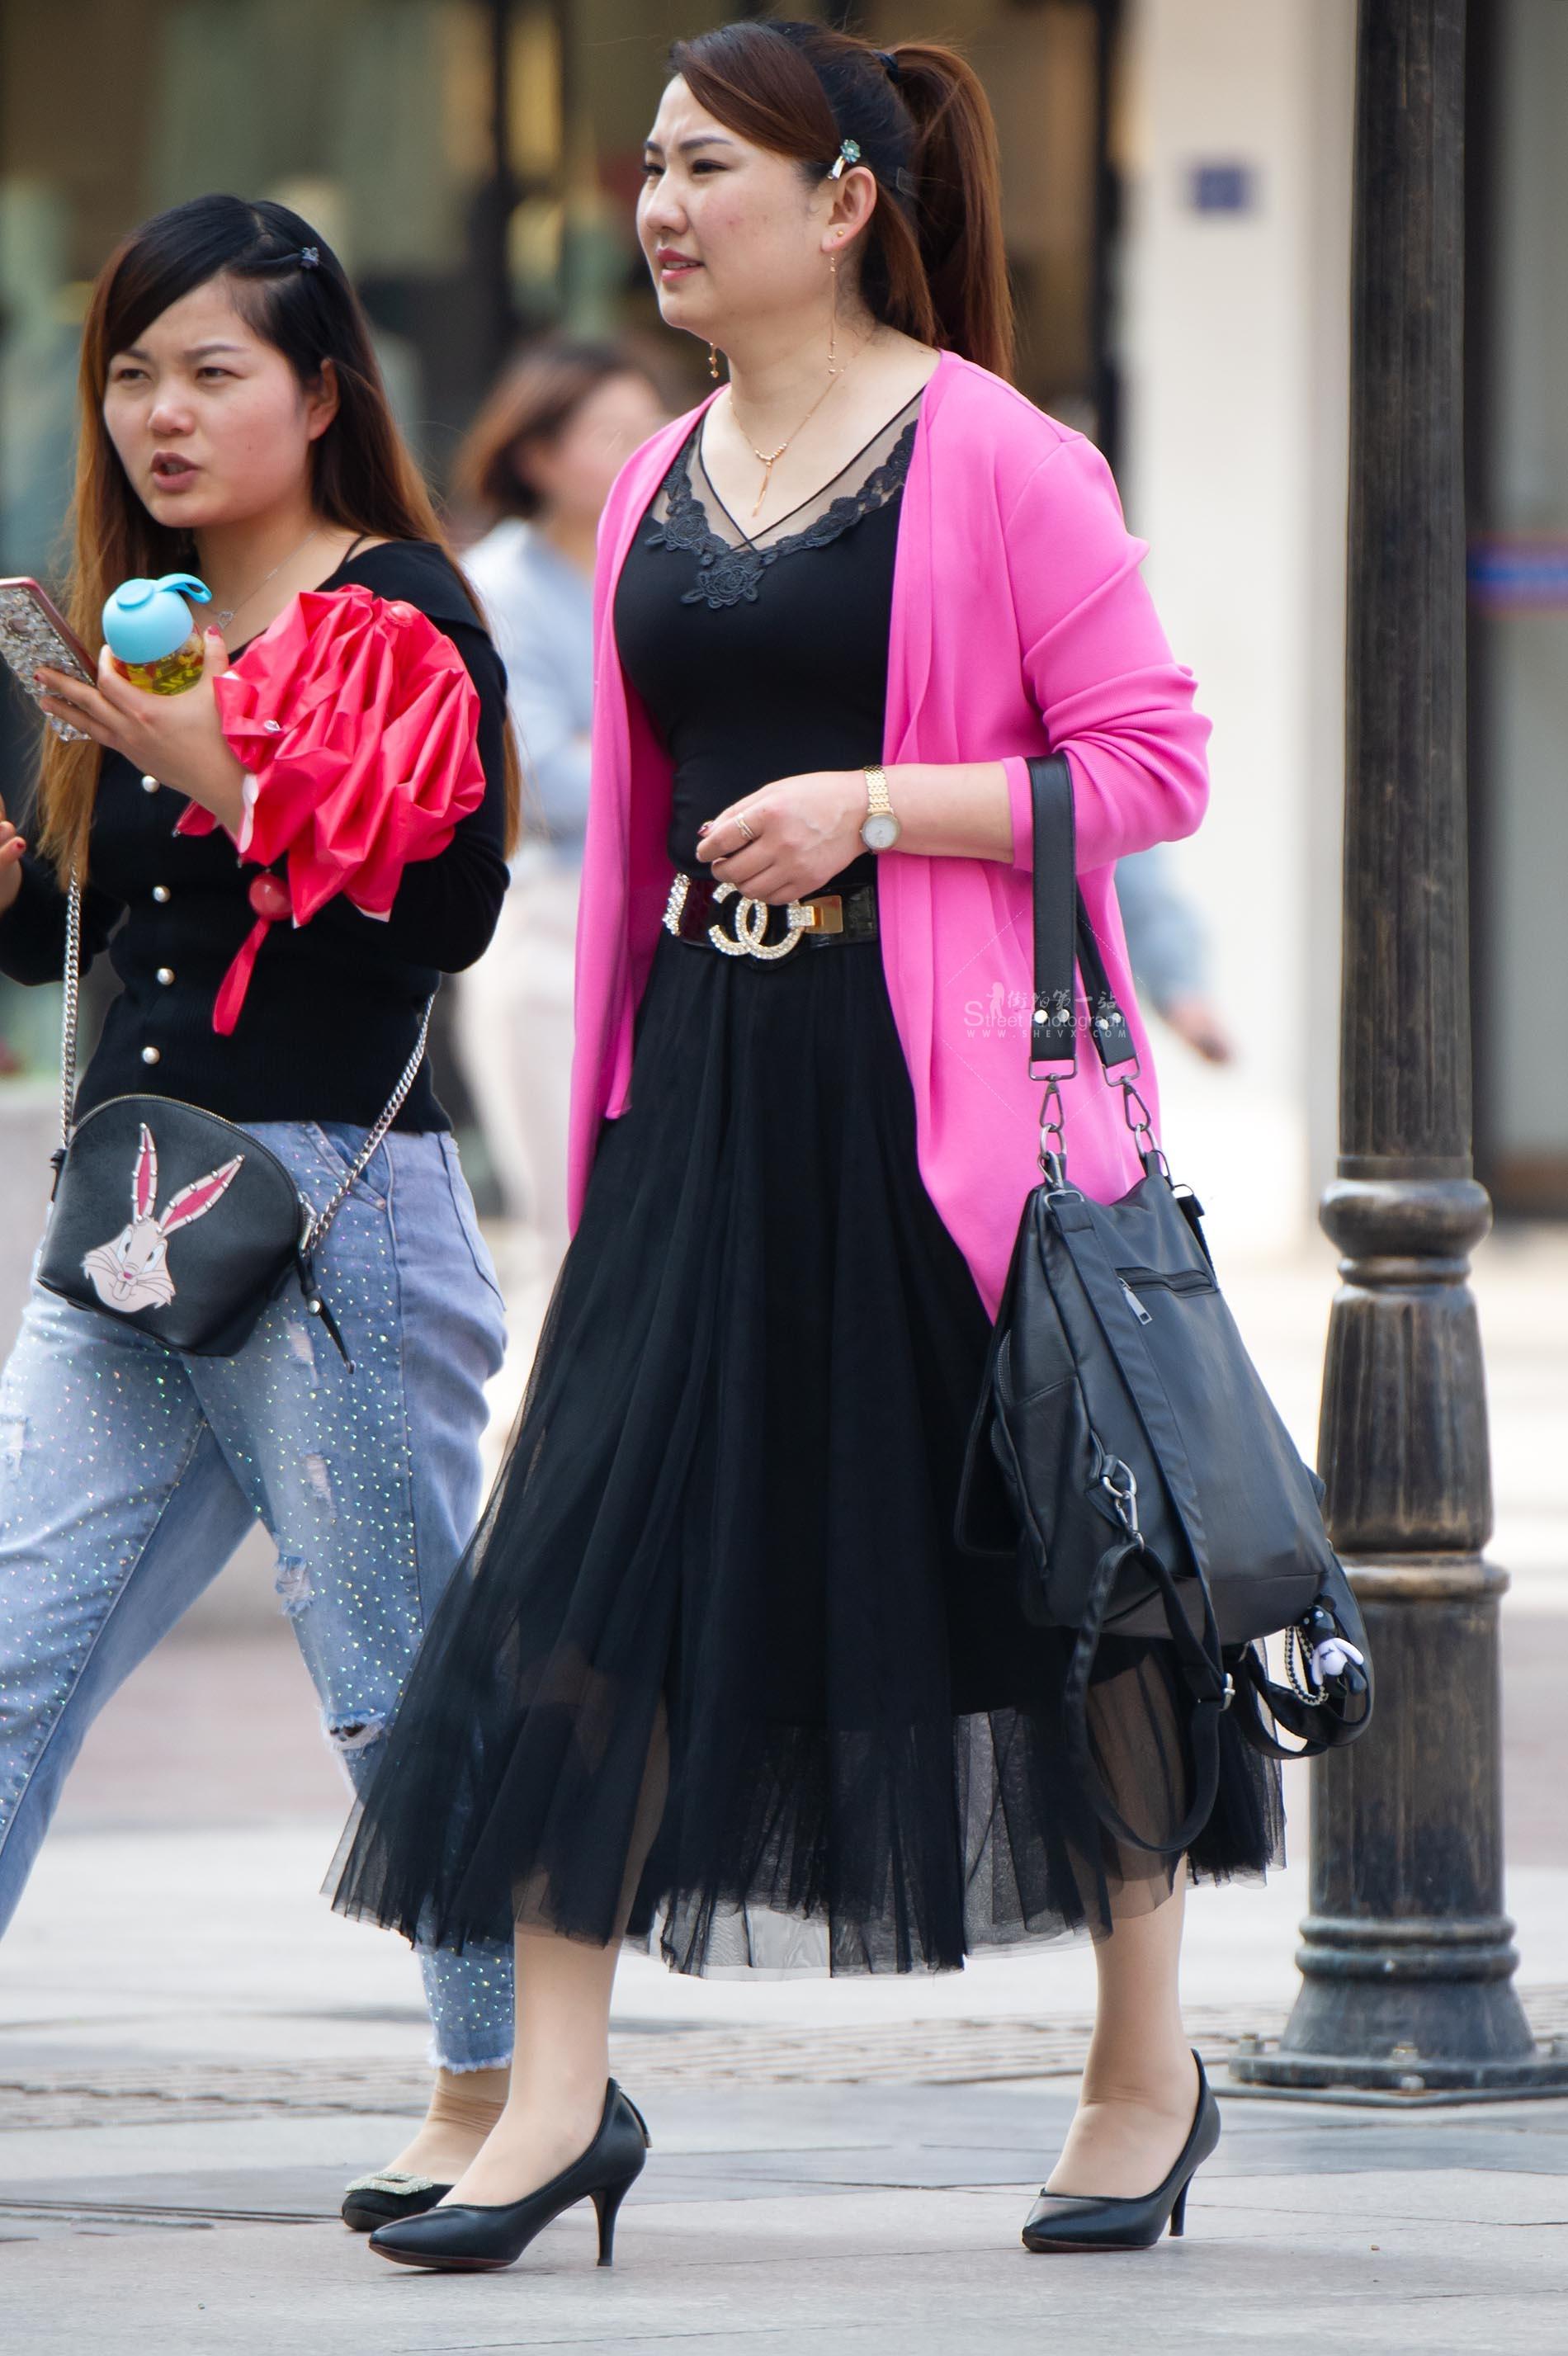 街拍高跟,街拍丝袜 【原创】丰满的丝袜 高跟鞋【11P】 最新街拍丝袜图片 街拍丝袜第一站